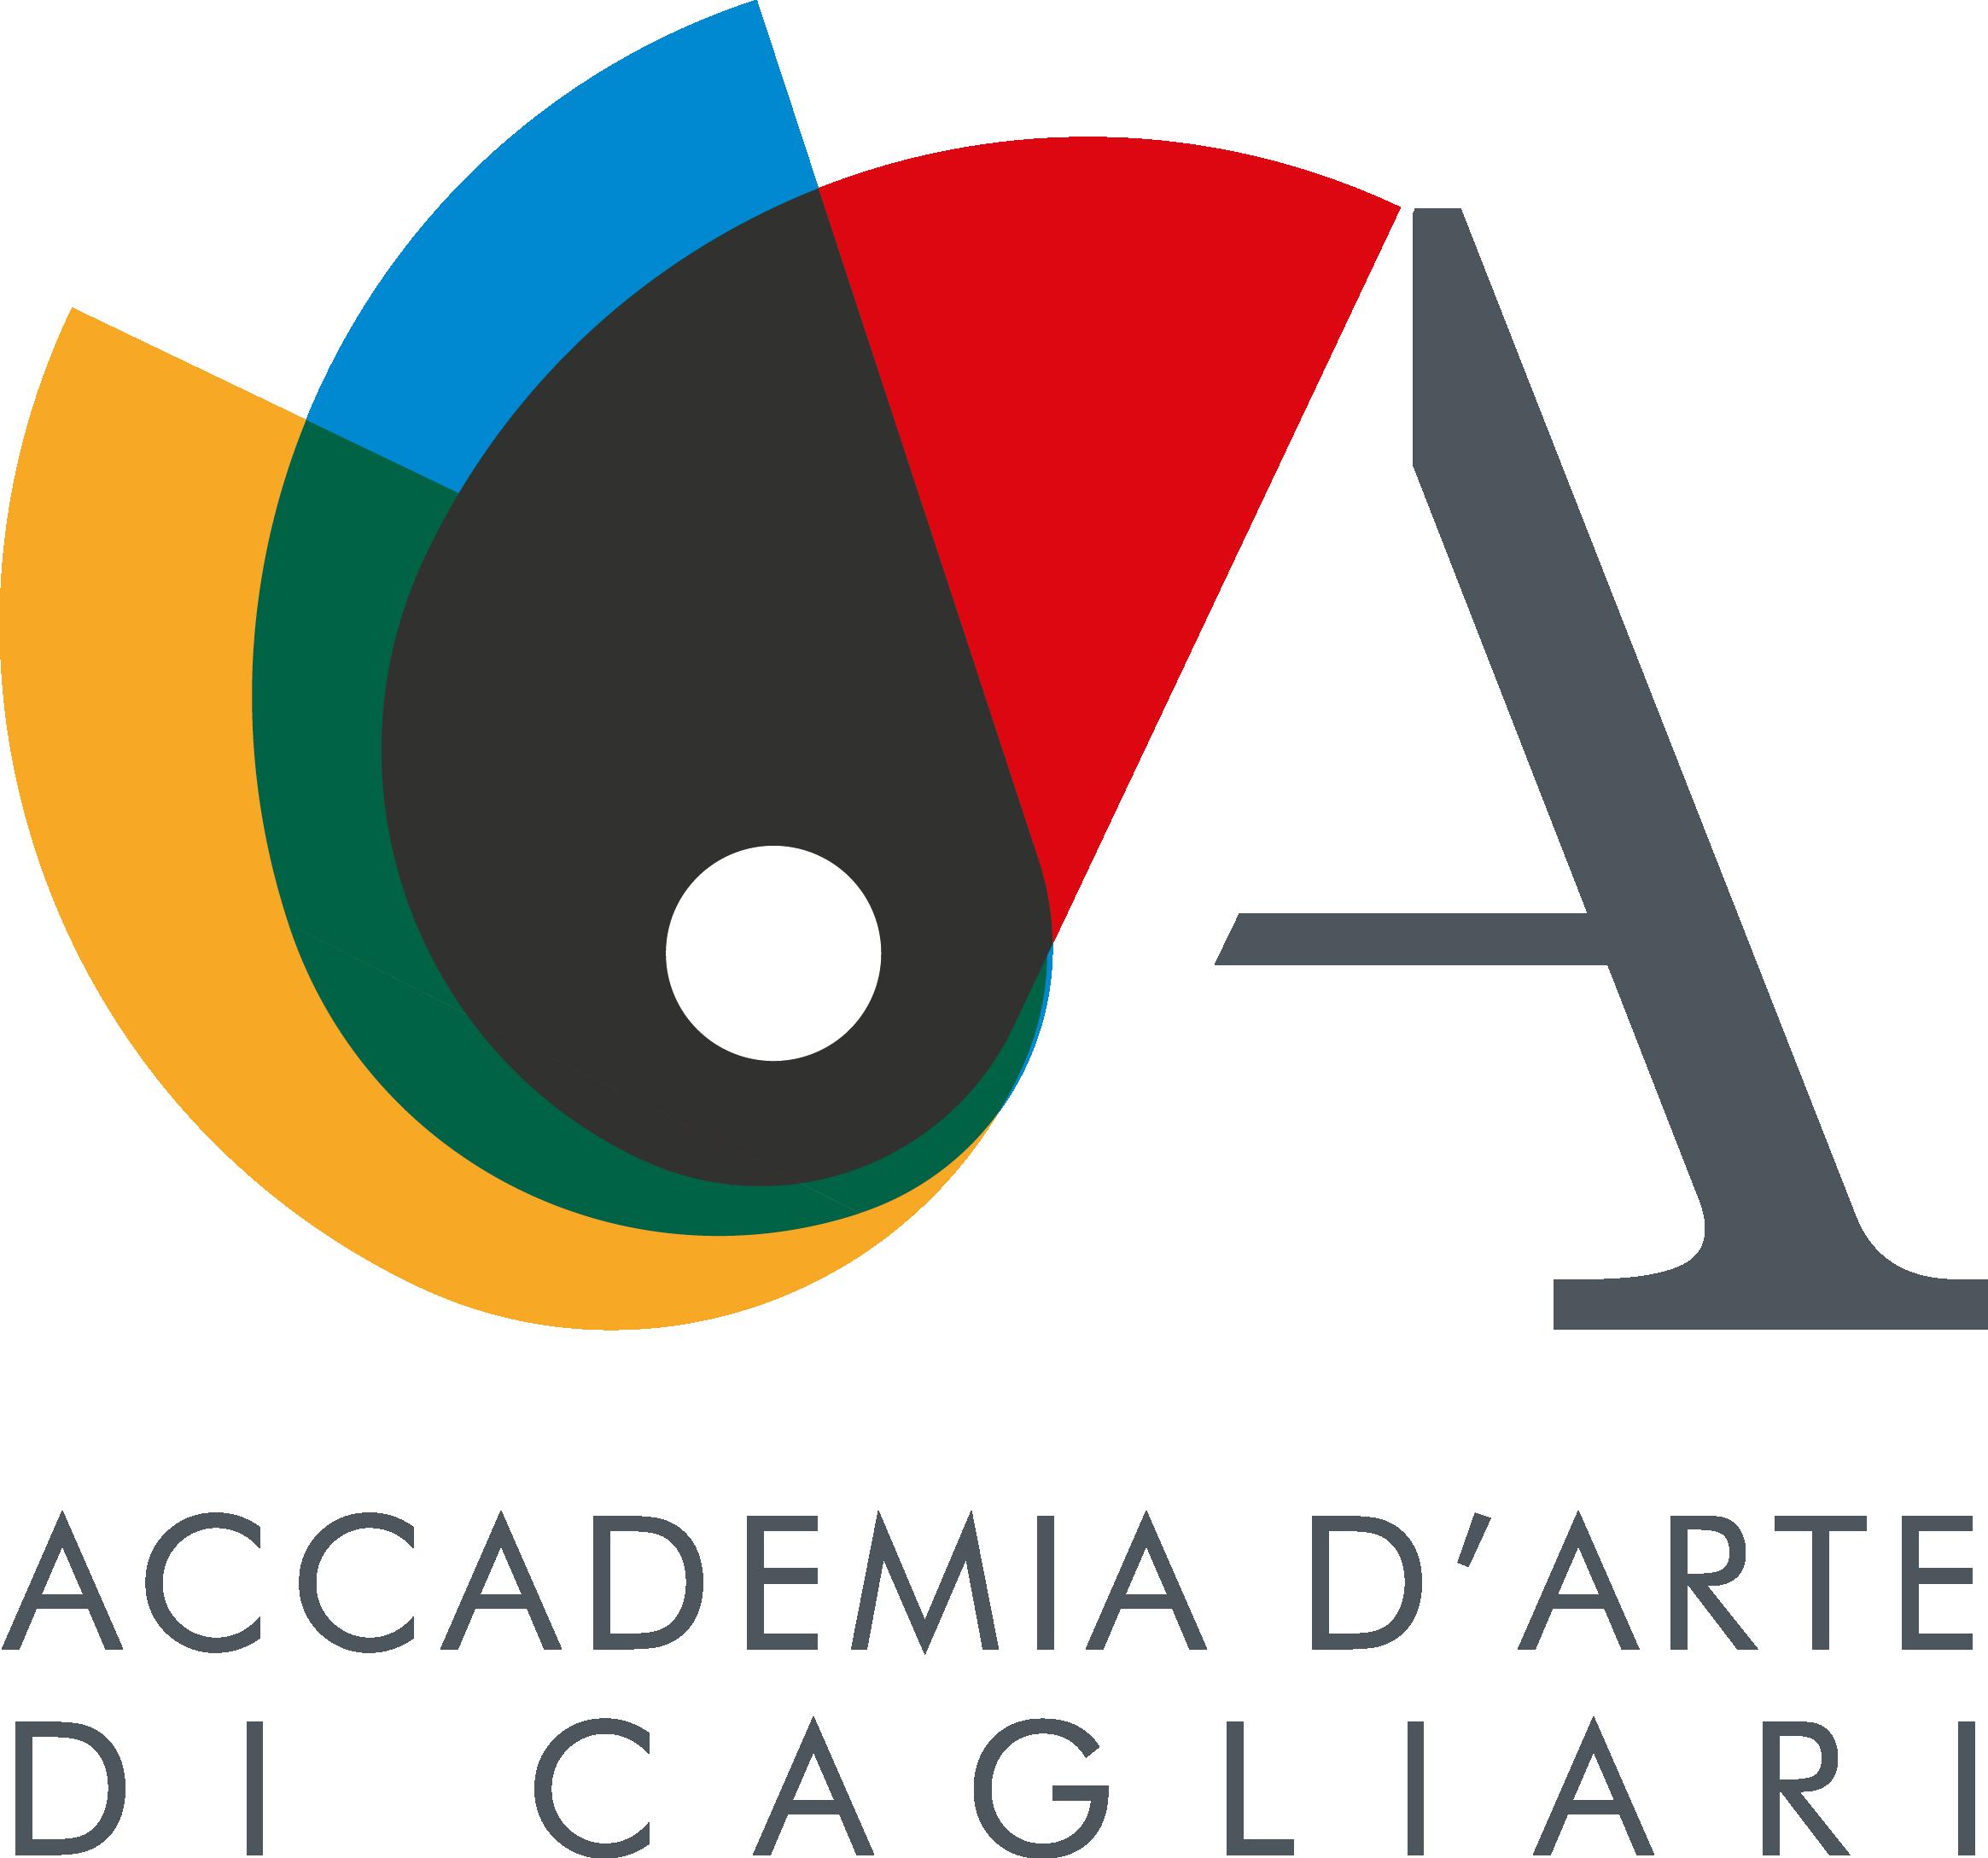 Accademia d'arte di Cagliari